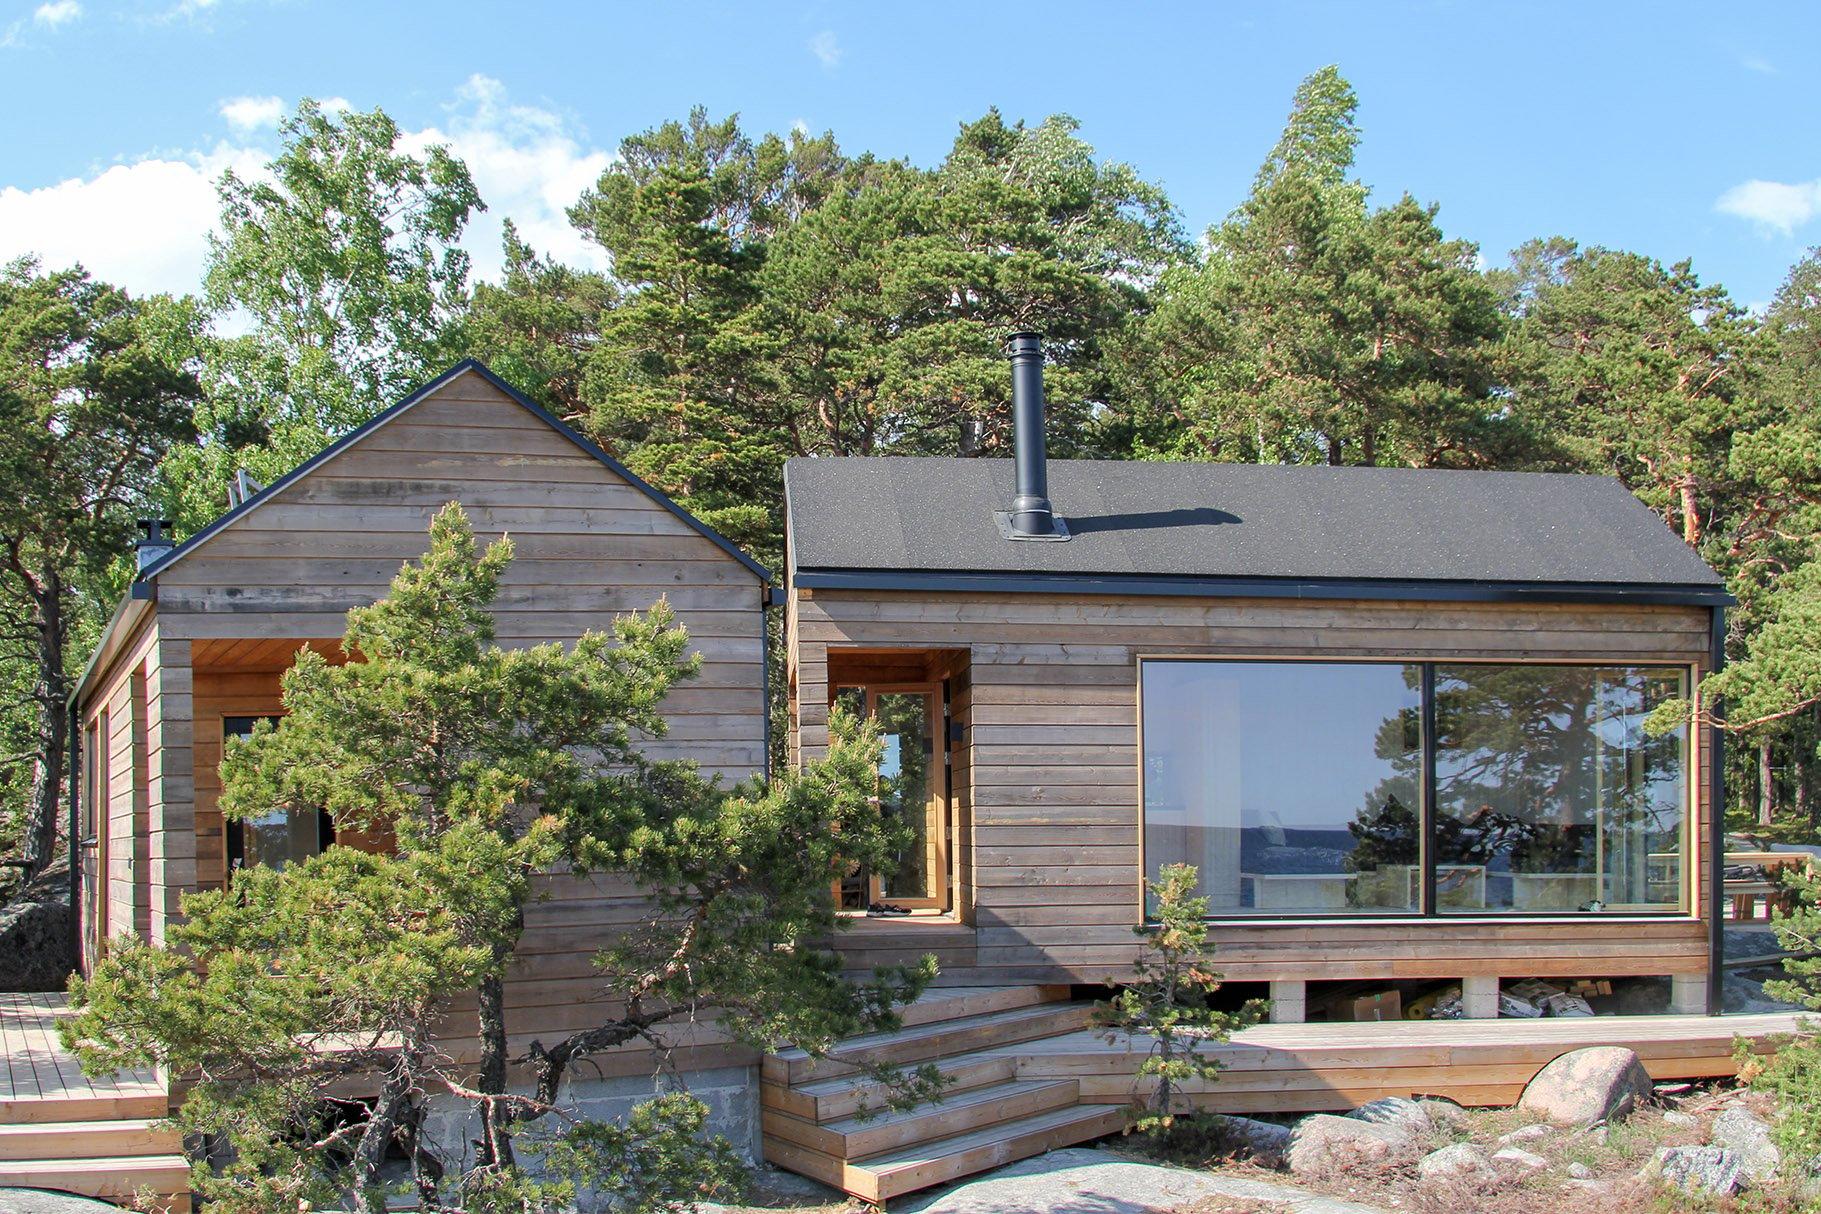 Sauna-ja-saunatupa-Helsingin-saaristossa-20